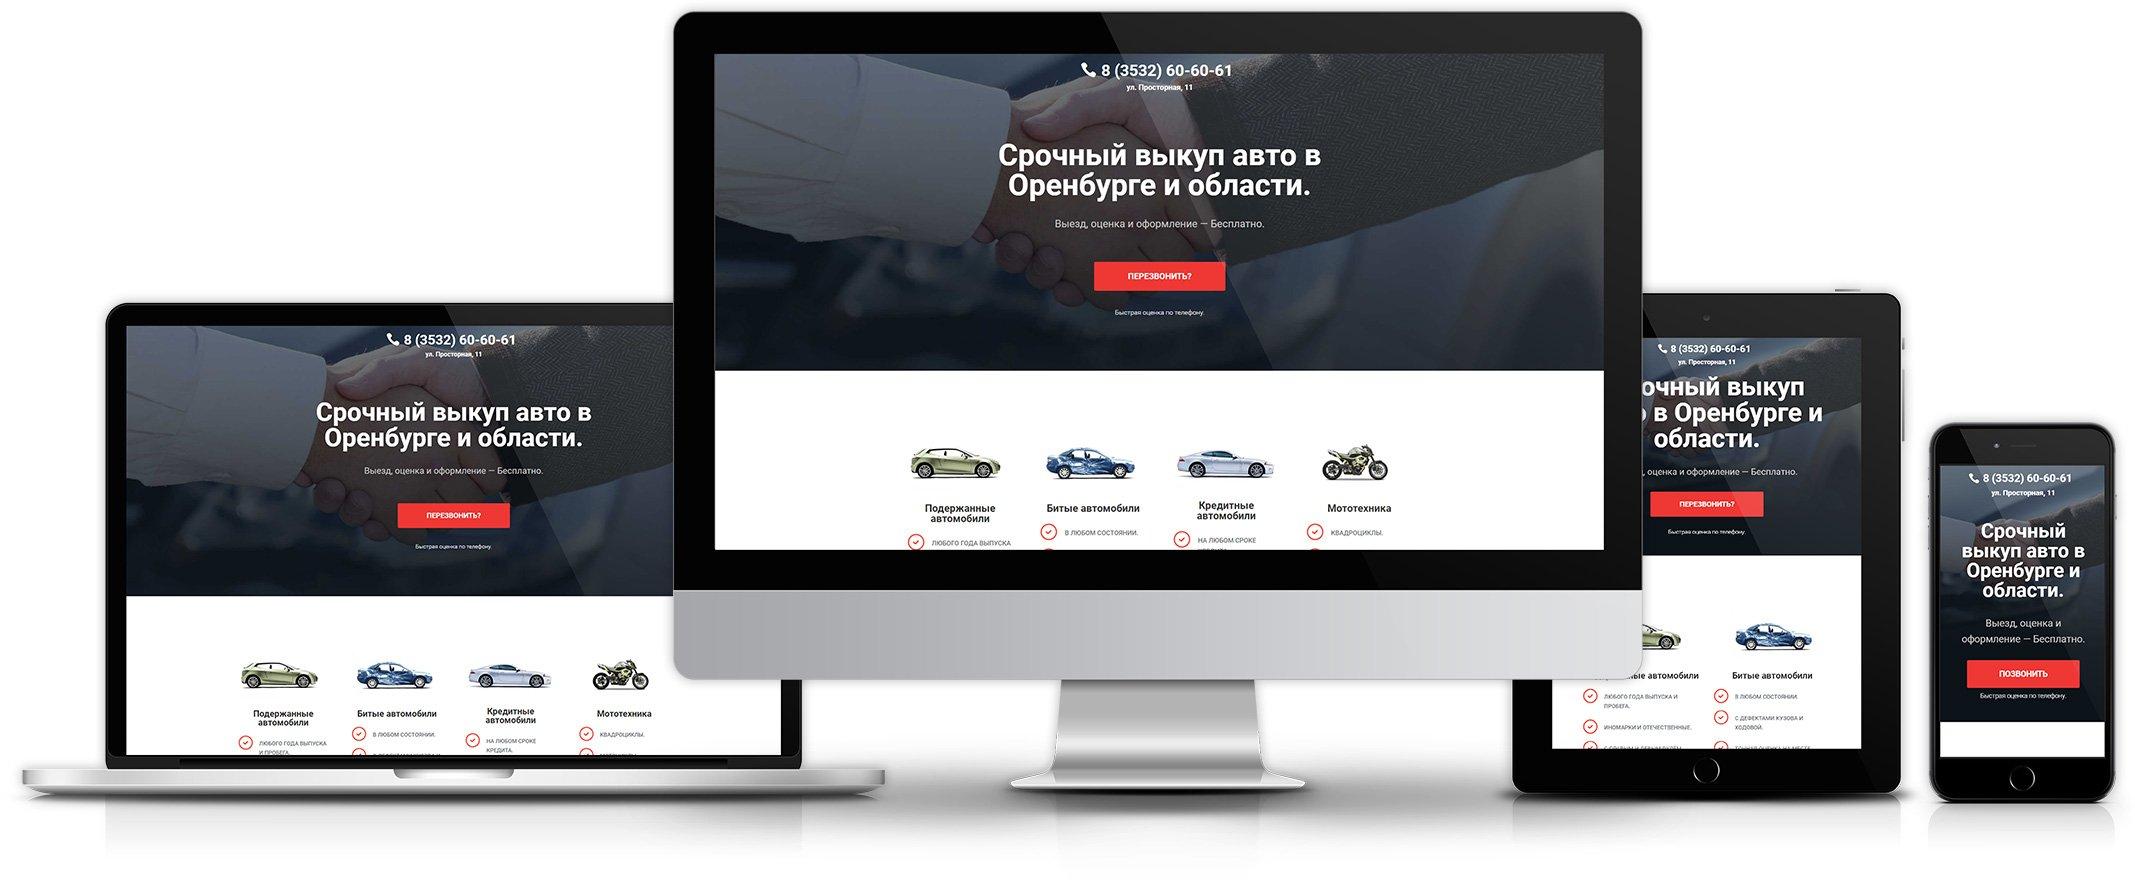 Создание сайта Autolot56.ru - срочный выкуп авто в Оренбурге